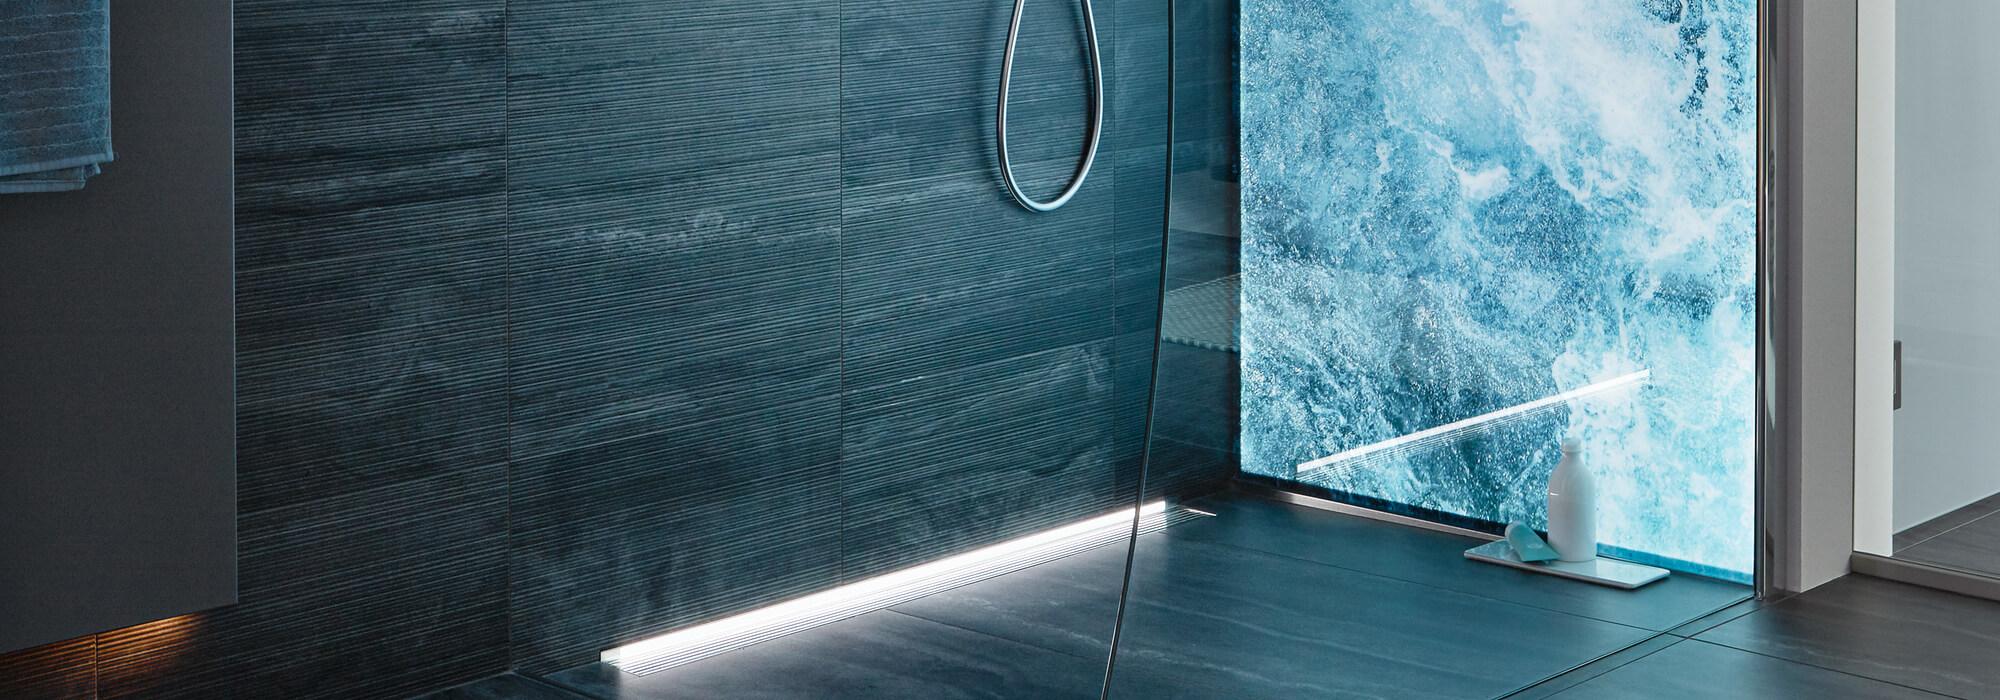 Full Size of Glastür Dusche Gestaltung Glasduschen Begehbare Ohne Tür Bodengleiche Badewanne Haltegriff Glastrennwand Koralle Schiebetür Duschen Hsk Fliesen Abfluss Dusche Glastür Dusche